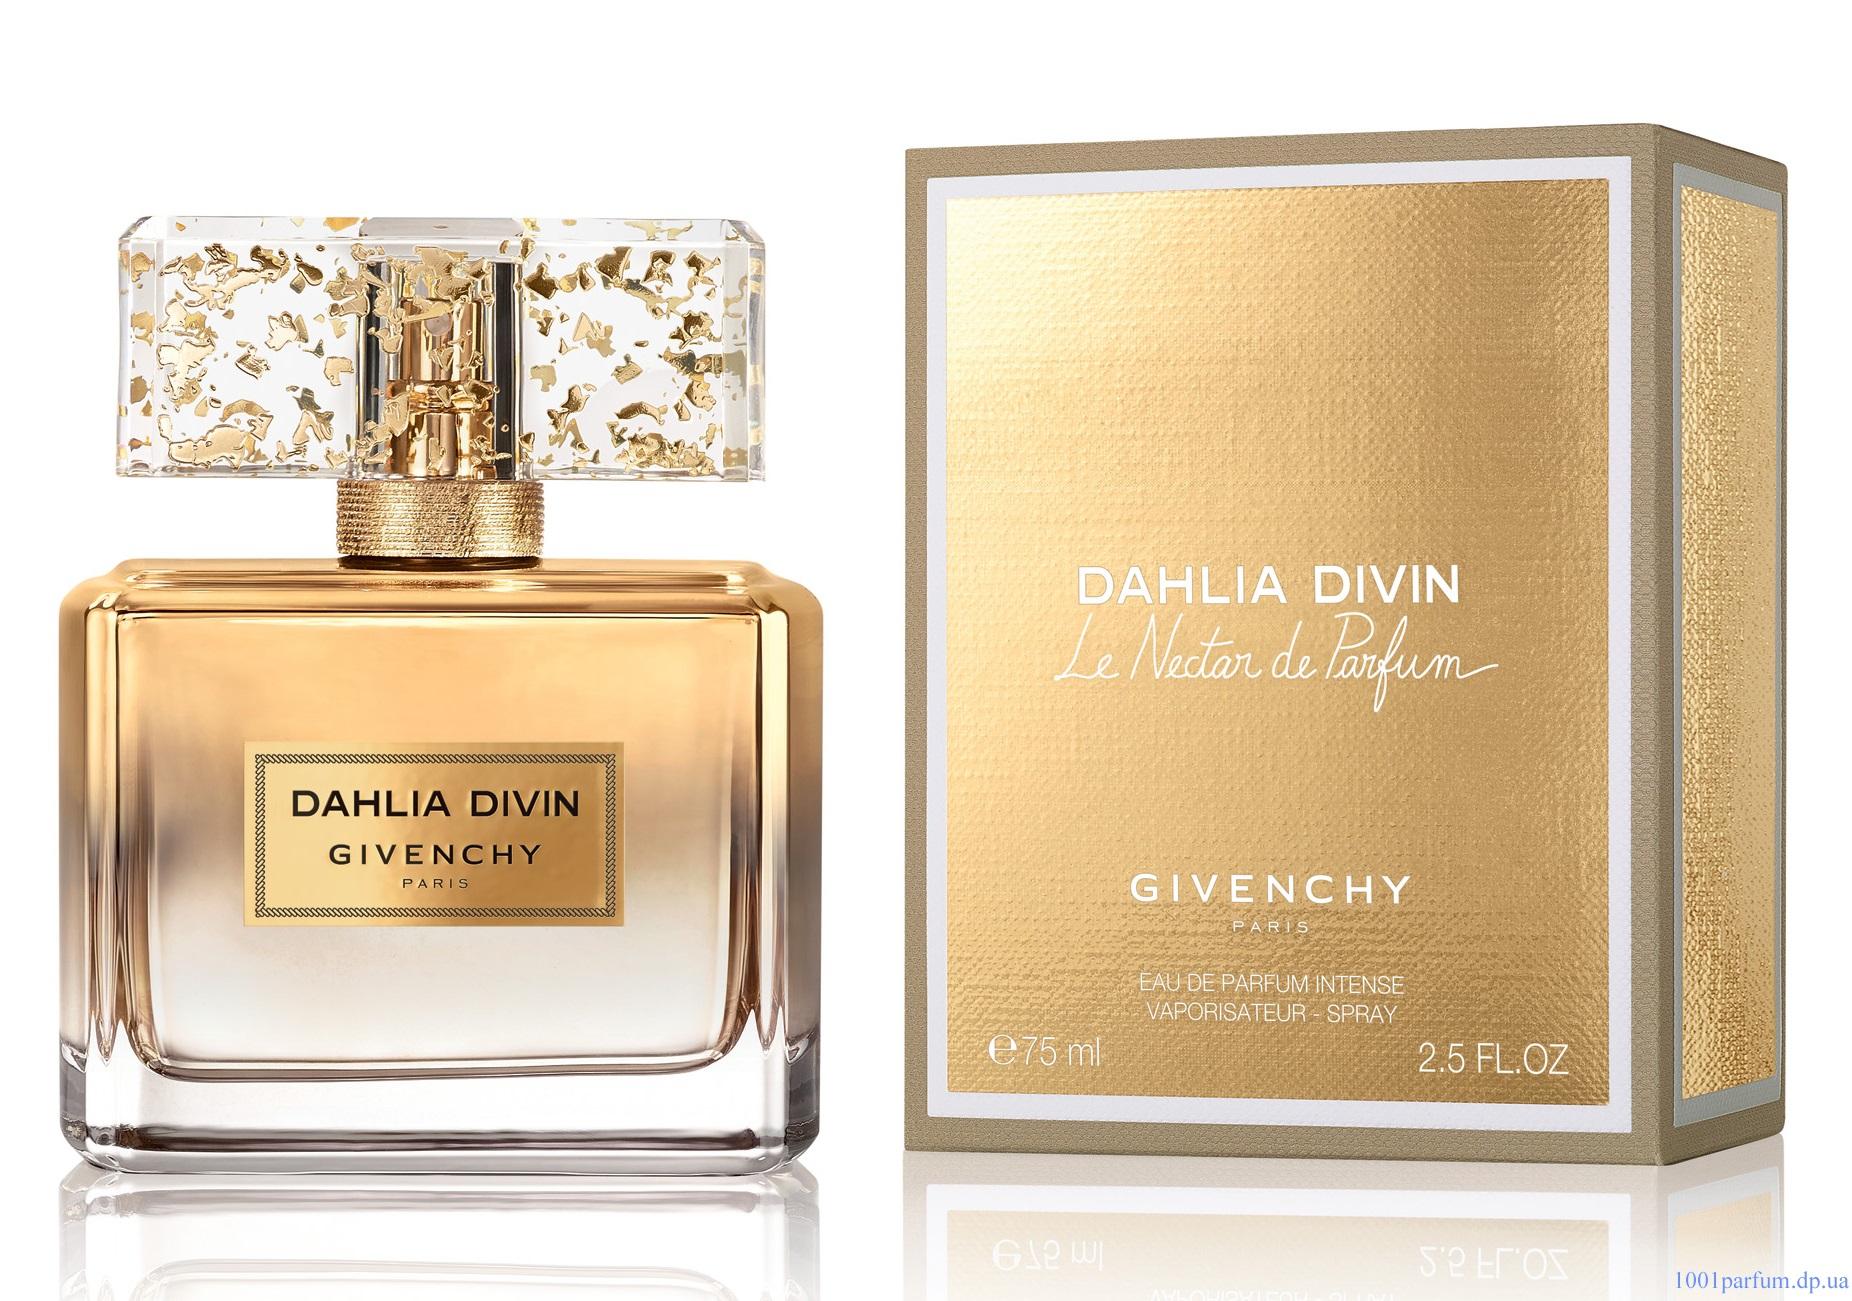 Salon Jardin Blanc Unique Dahlia Divin Le Nectar De Parfum Givenchy Of 29 Inspirant Salon Jardin Blanc